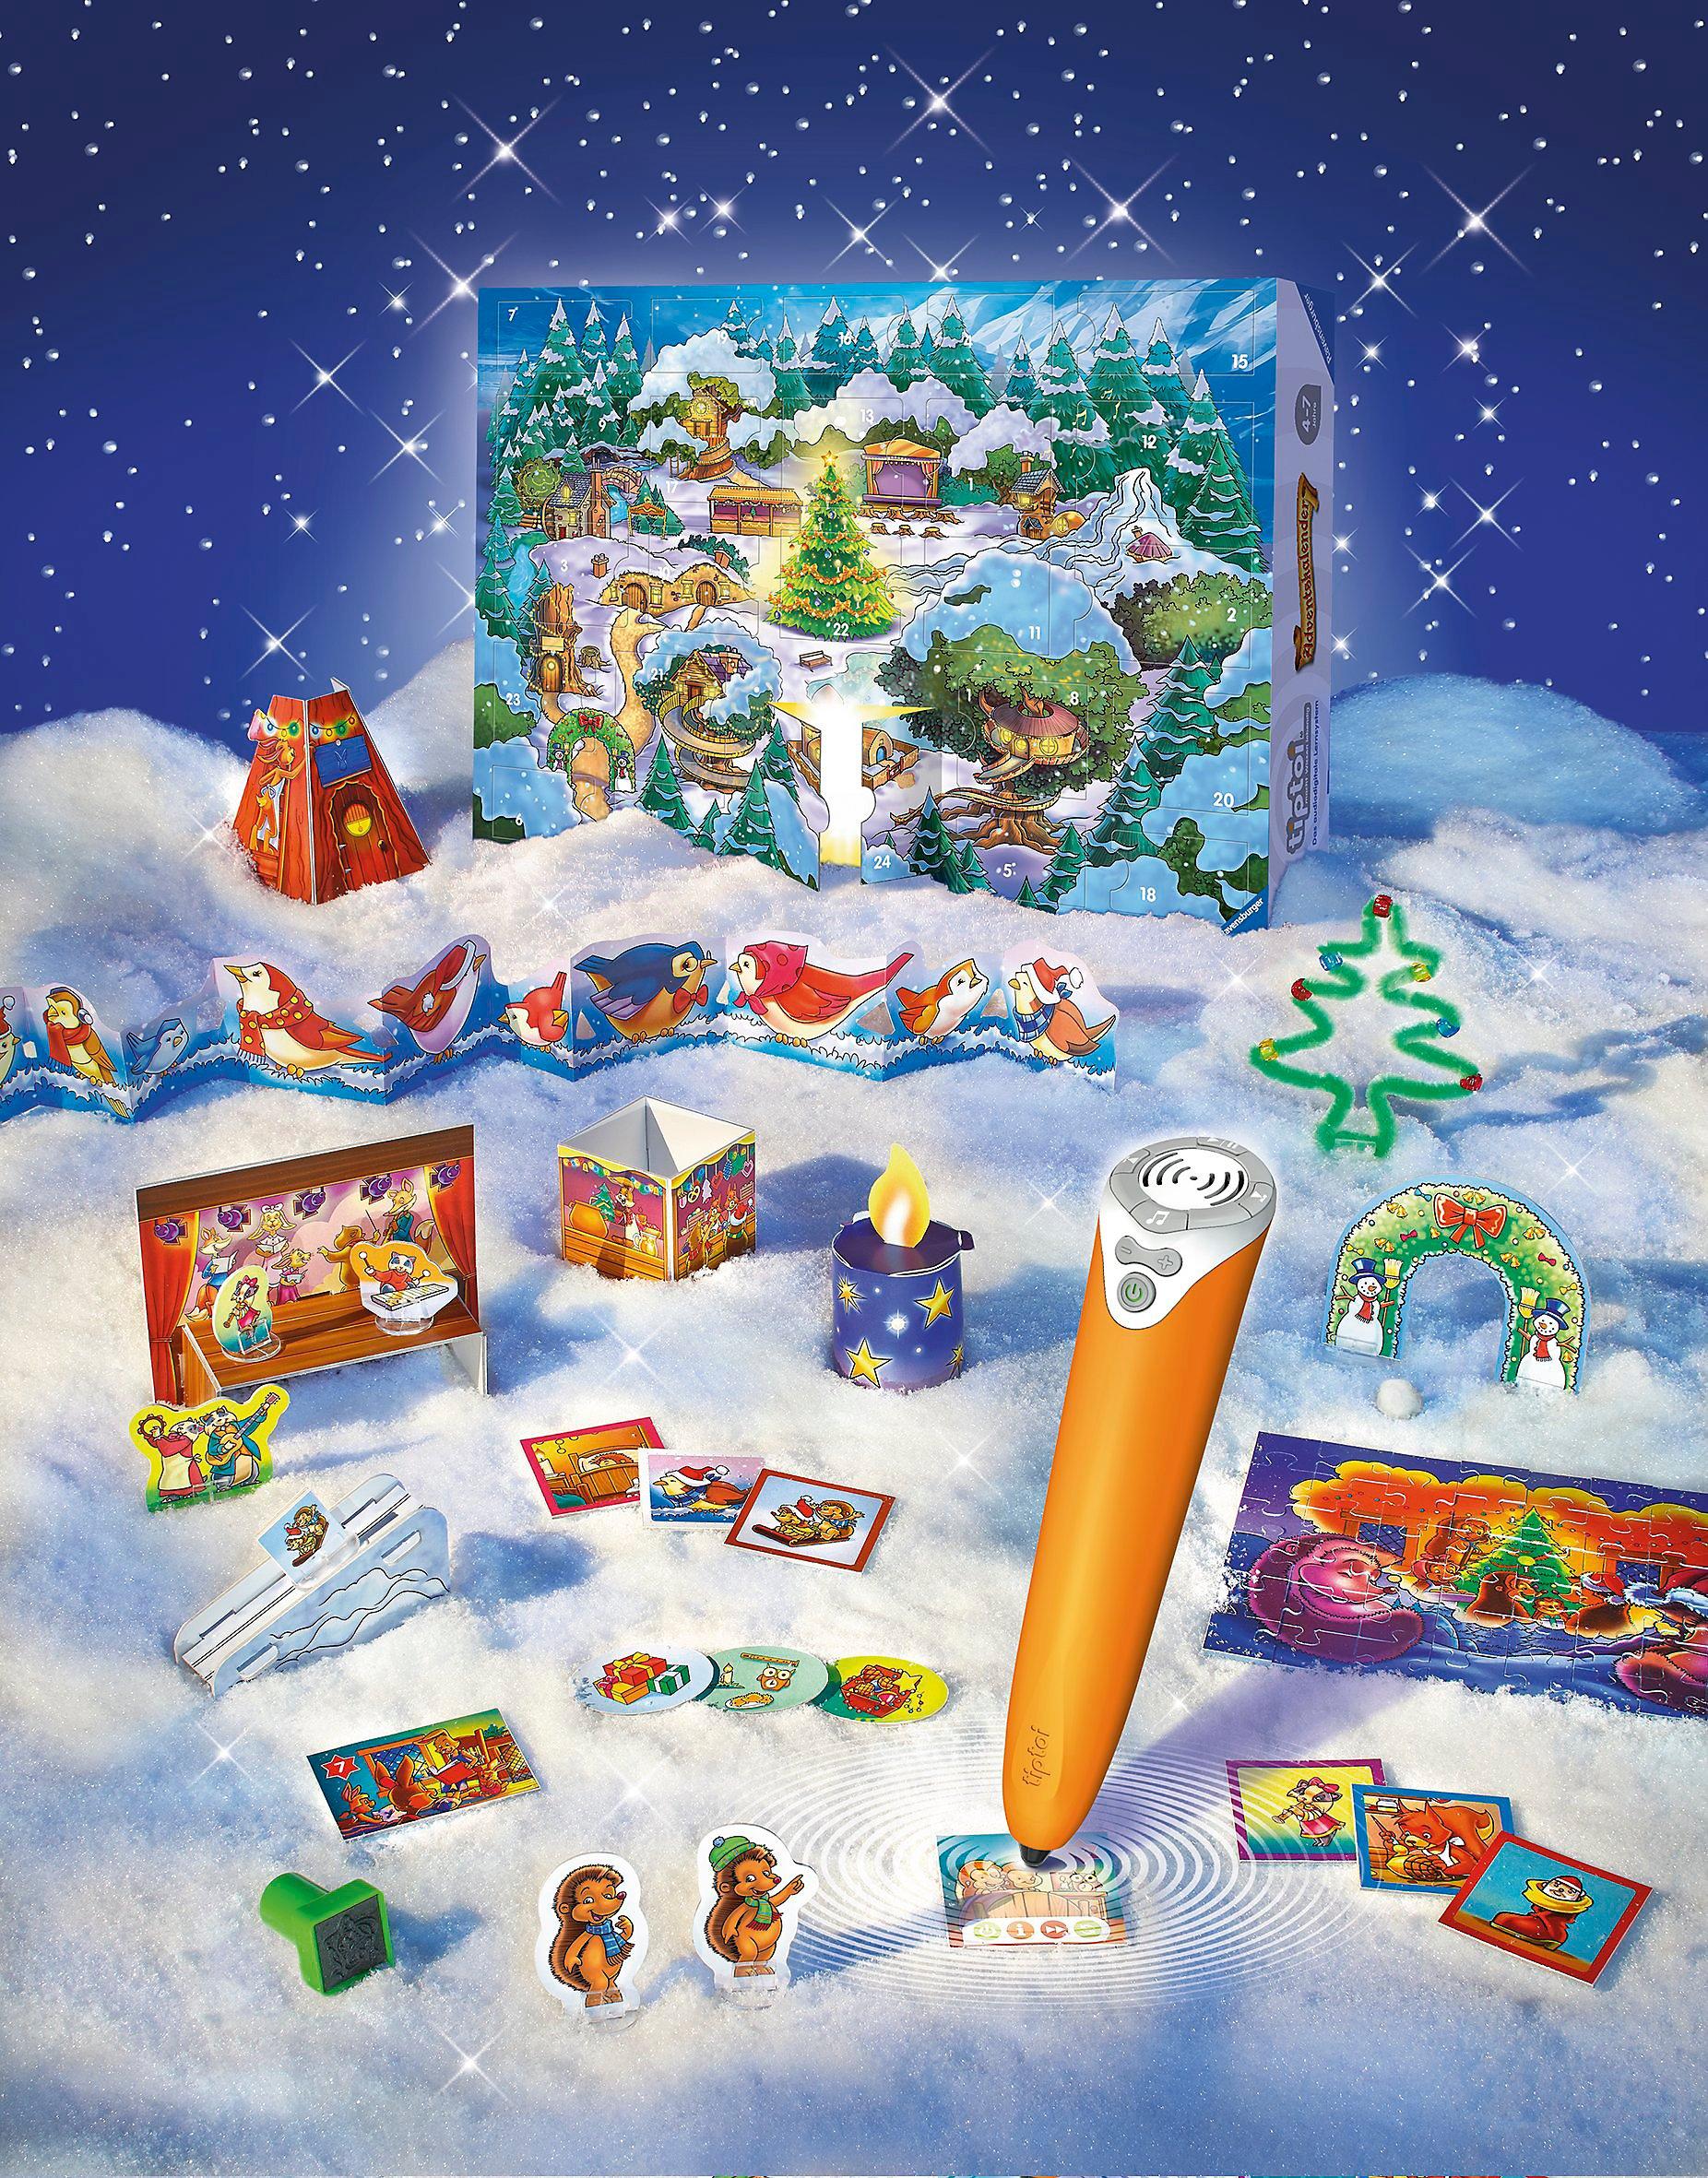 Weihnachtskalender Tiptoi.Tiptoi Adventskalender Kalender Bei Weltbild De Bestellen